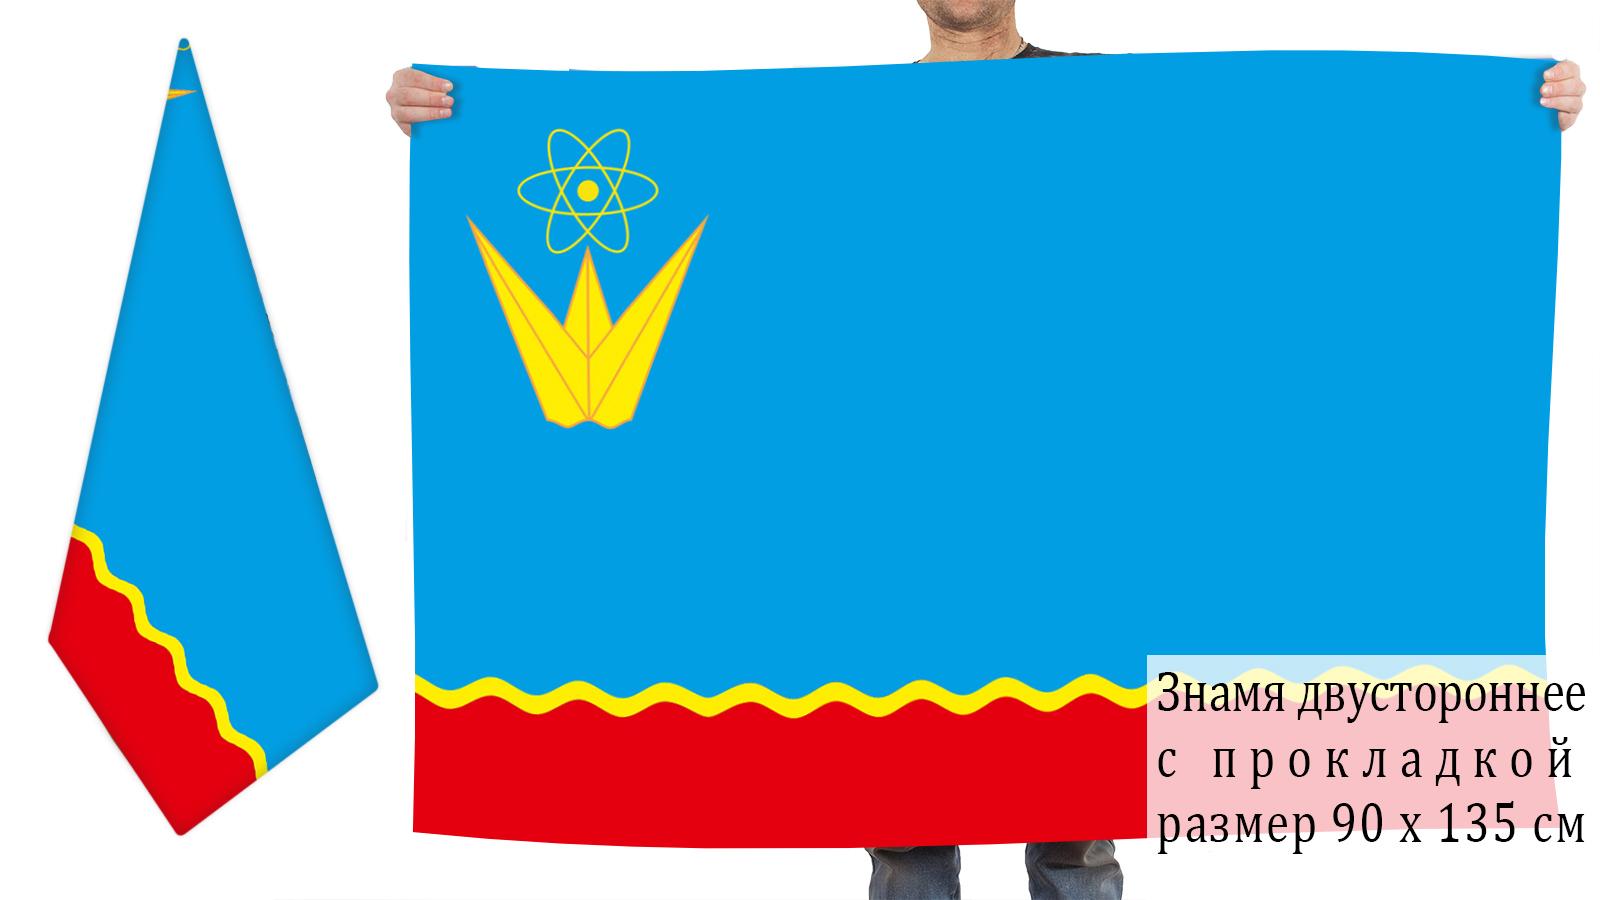 Двусторонний флаг города Зеленогорск